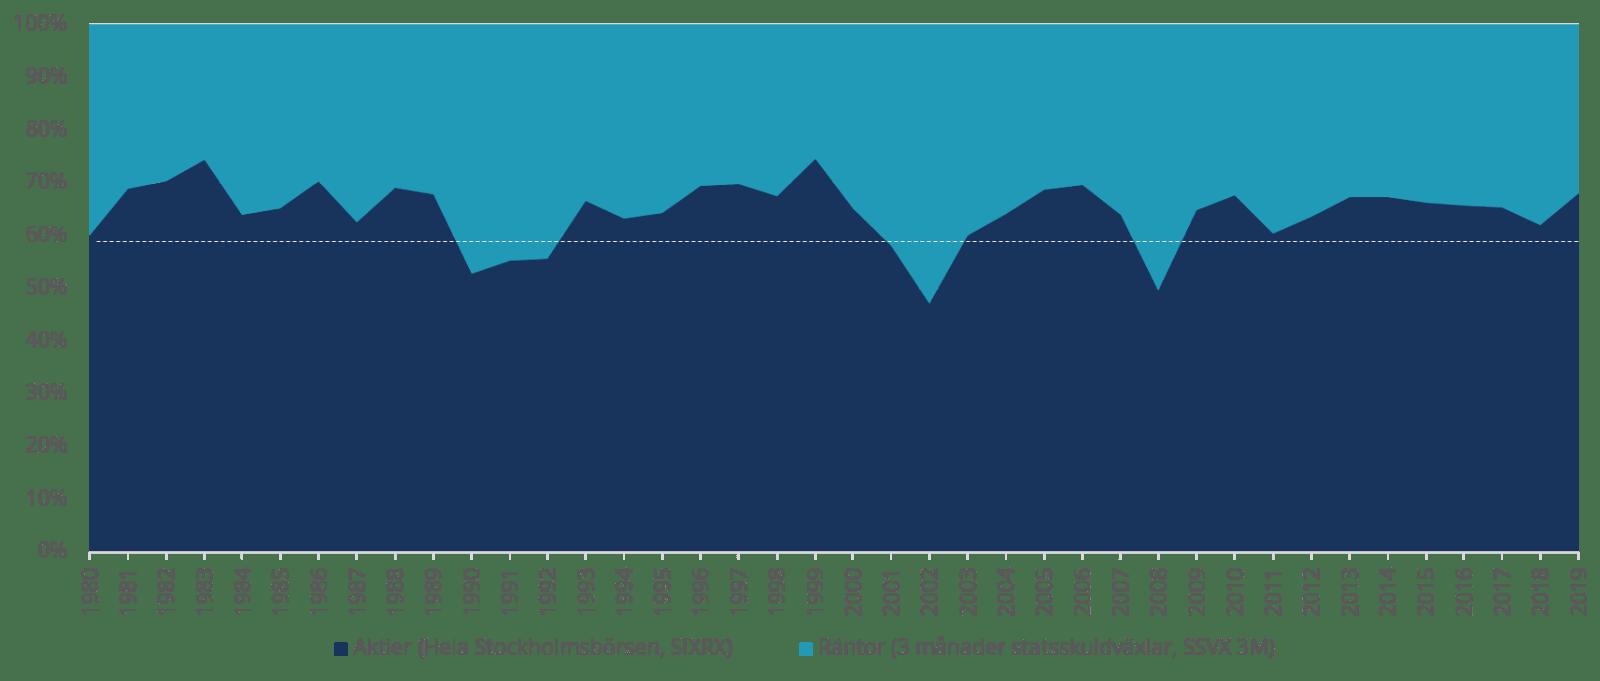 Årlig ombalansering av en 60/40-portfölj i slutet av året